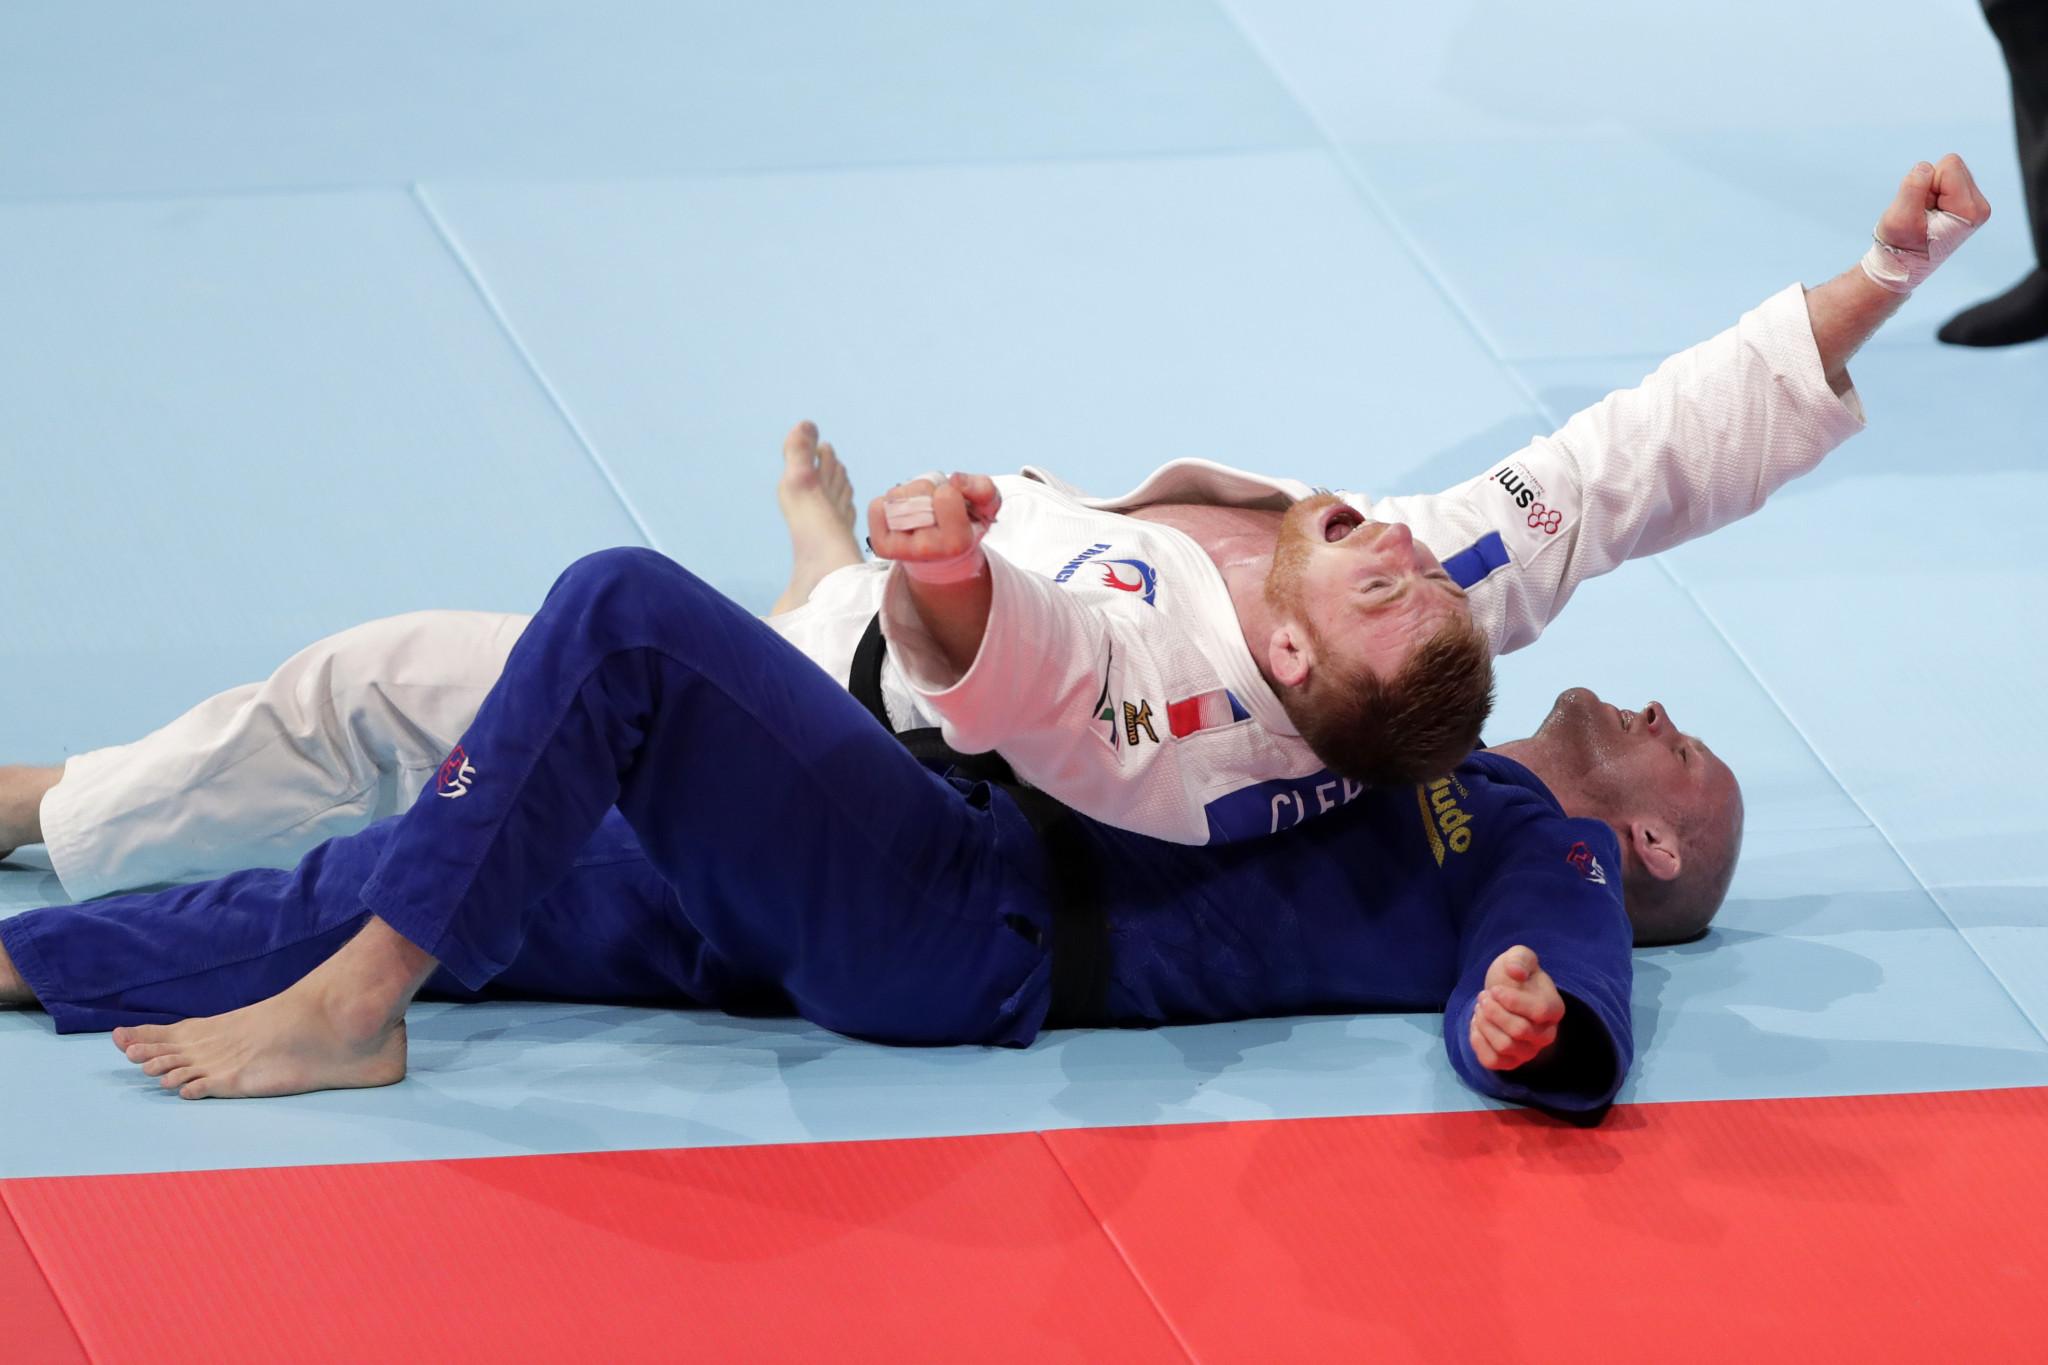 Alex Clerget a remporté deux médailles de bronze lors des deux derniers championnats du monde © Getty Images